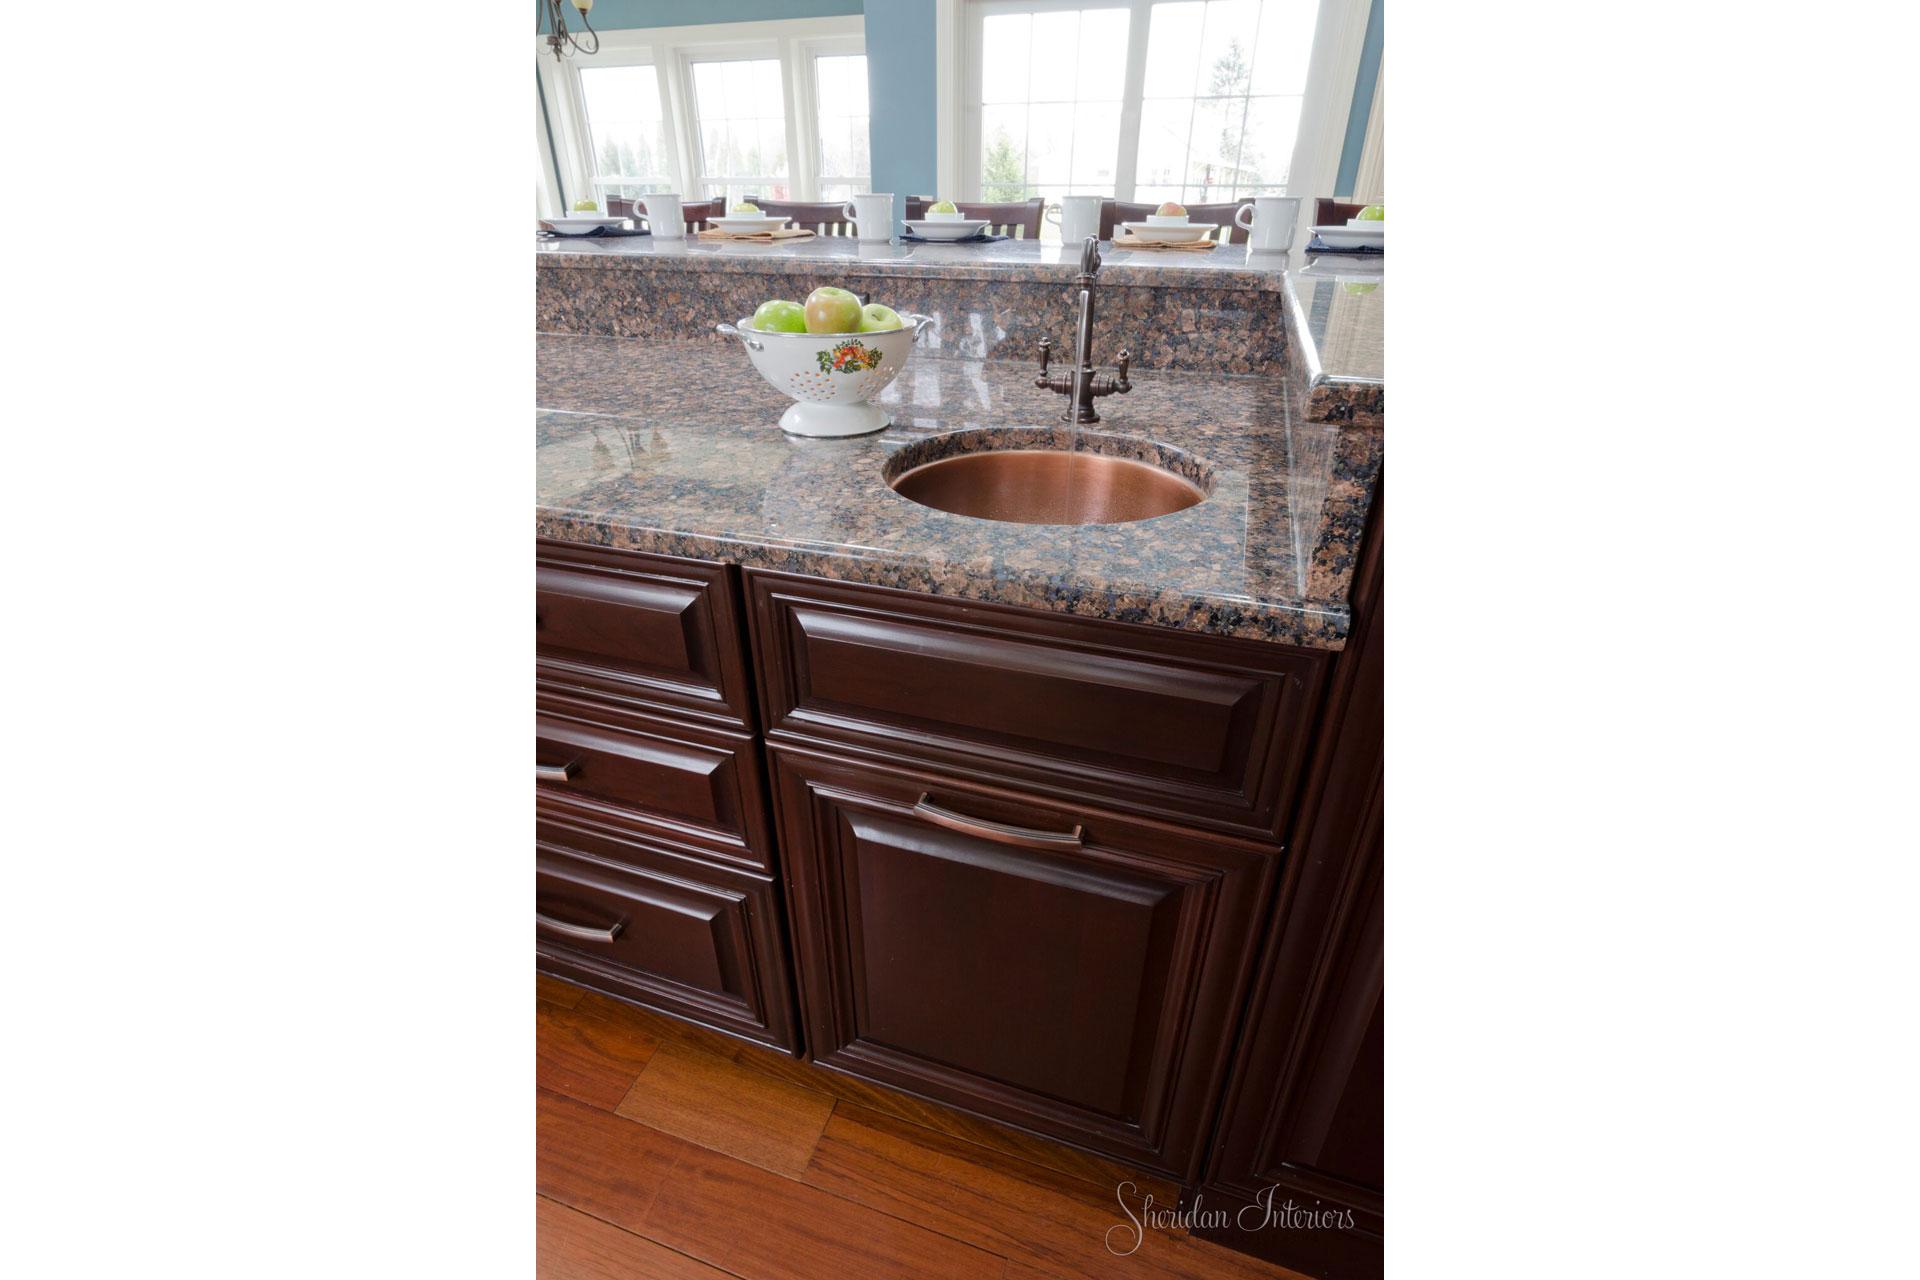 copper round sink in kitchen, Traditional Kitchen Island with Copper Bar Sink - Sheridan Interiors, sheridan interiors kitchens and baths, kitchen designer cornwall, kitchen designer ottawa